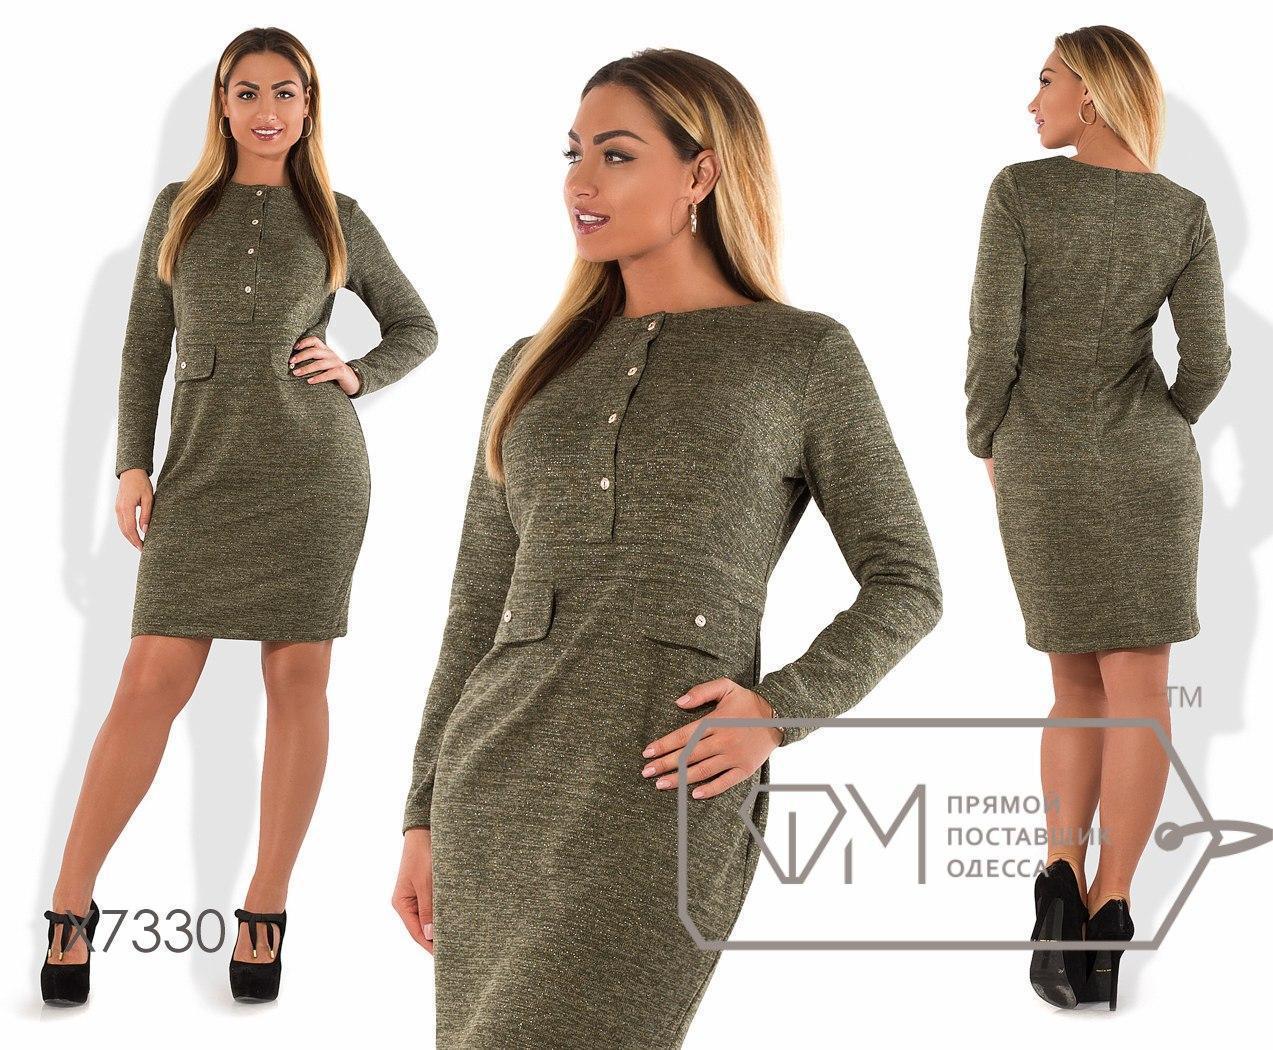 Приталенное офисное платье большого размера из ангоры с люрексом fmx7330